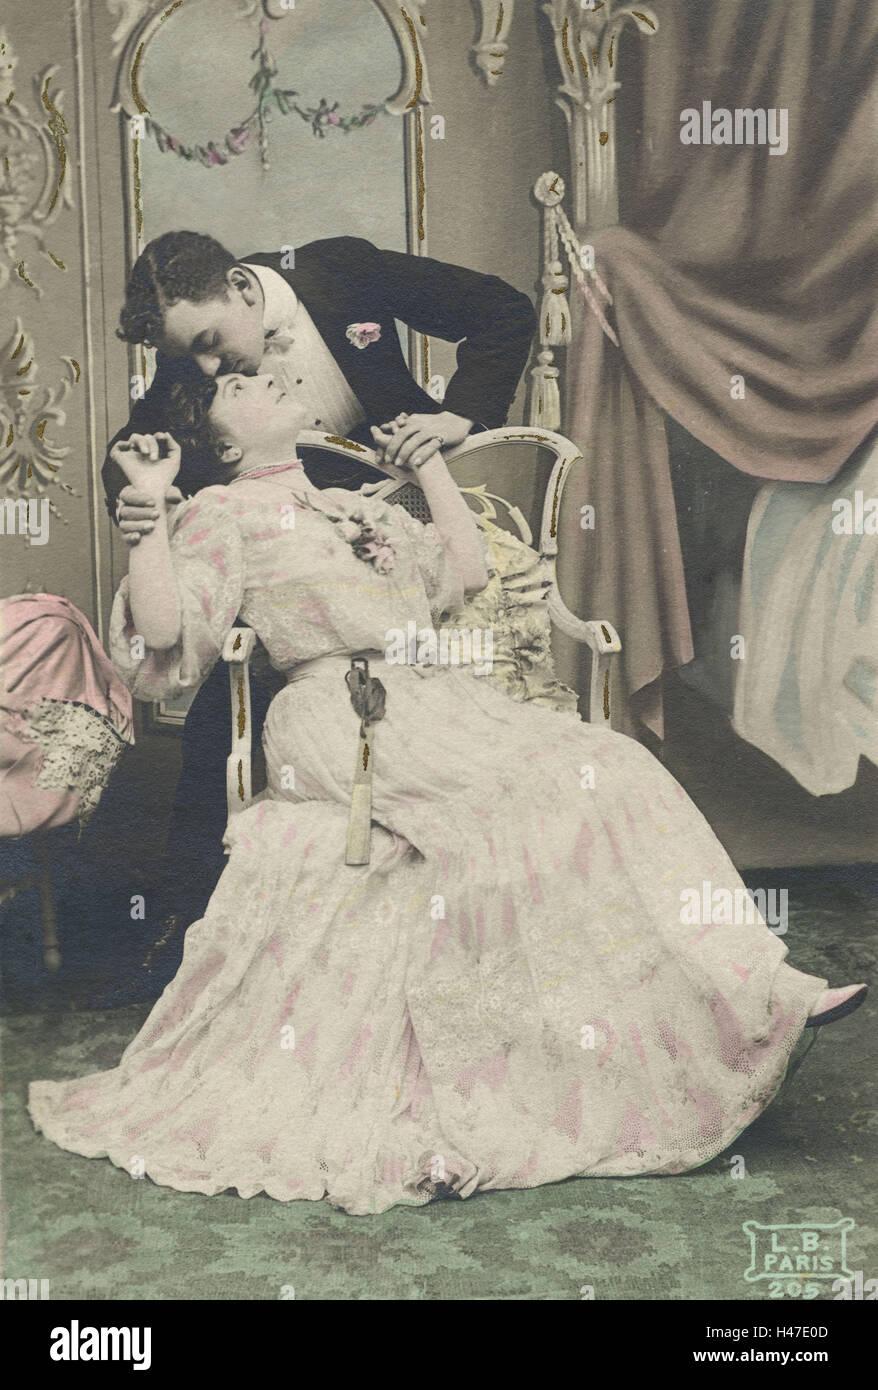 Nostalgia, couple, romantic, tenderness, kiss, postcard, nostalgic, - Stock Image